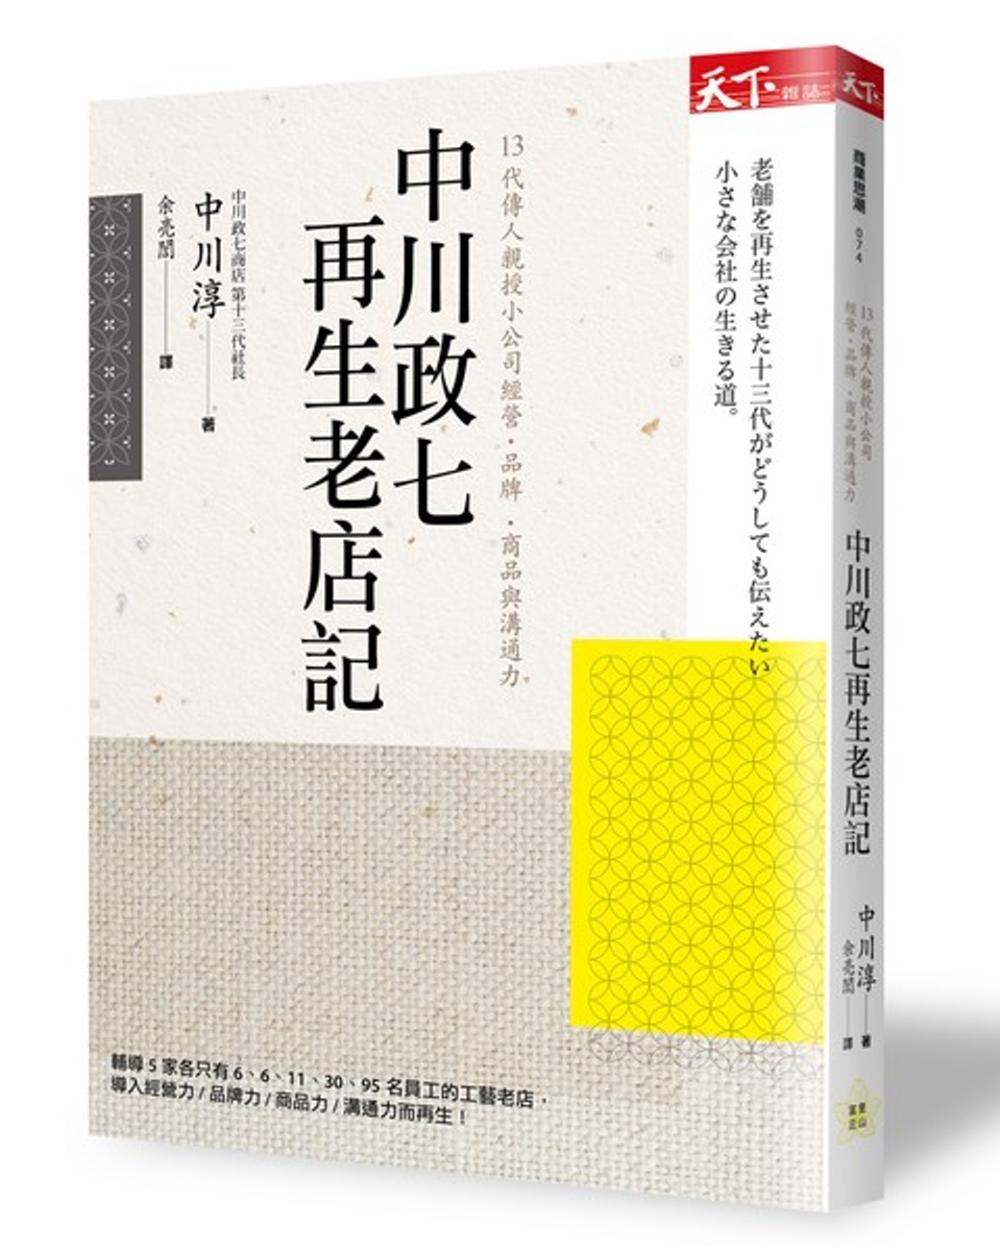 中川政七再生老店記:13代傳人親授小公司經營‧品牌‧商品與溝通力